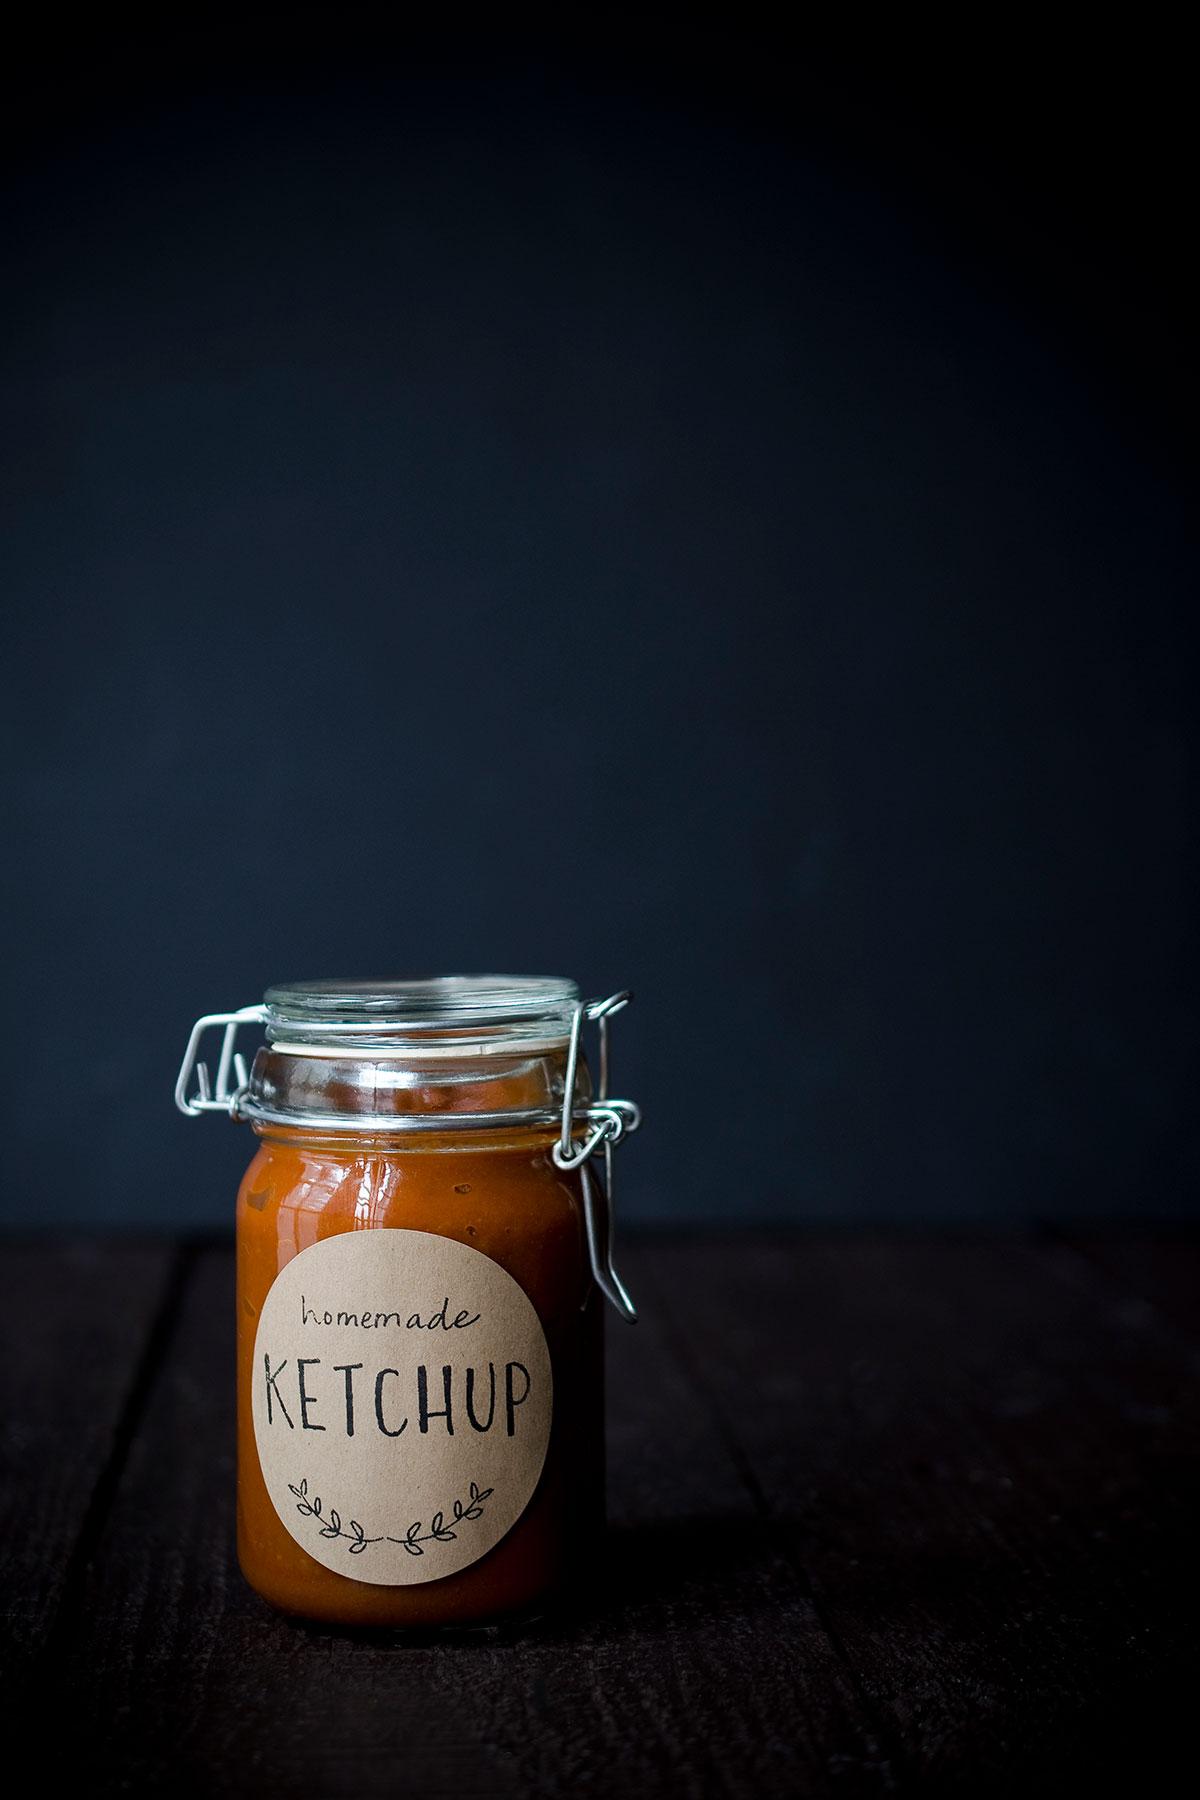 A photo of homemade ketchup in a mason jar